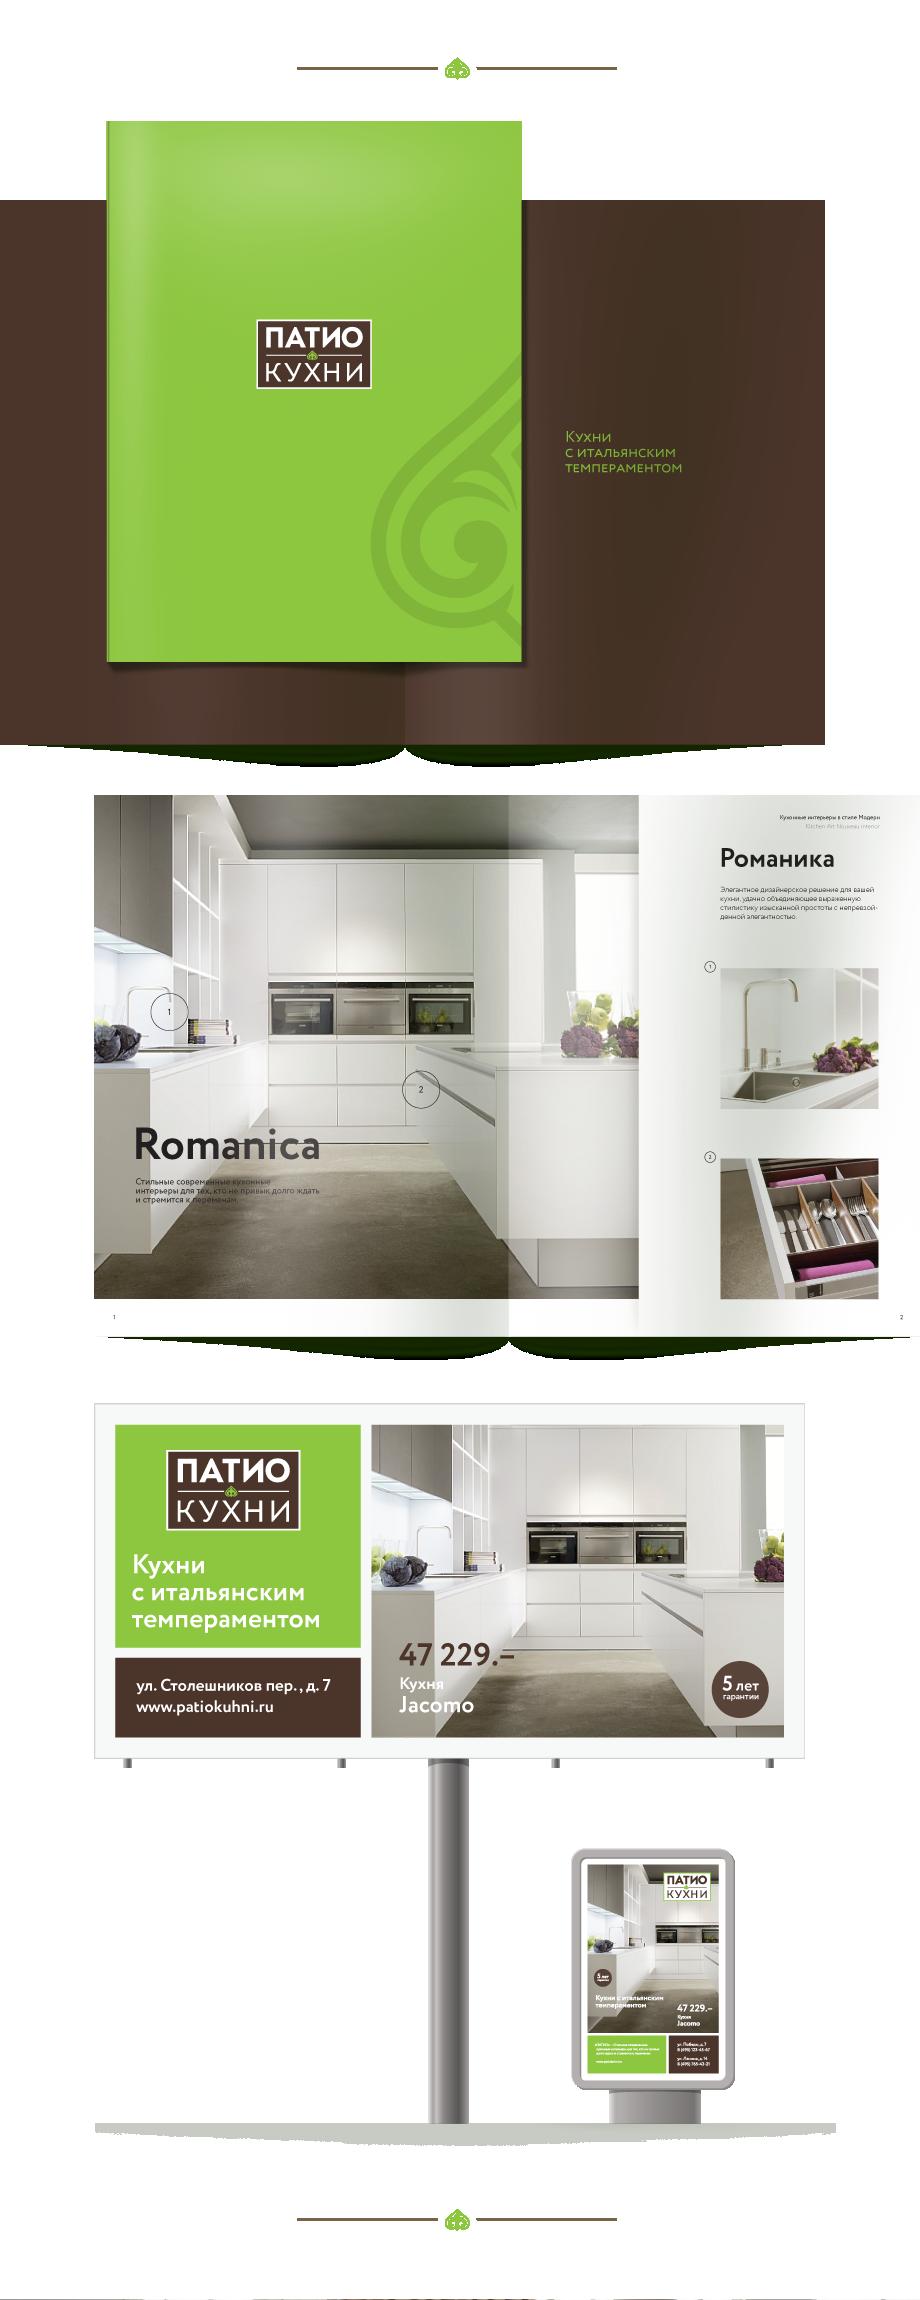 Фирменный стиль и дизайн полиграфии Патио Кухни